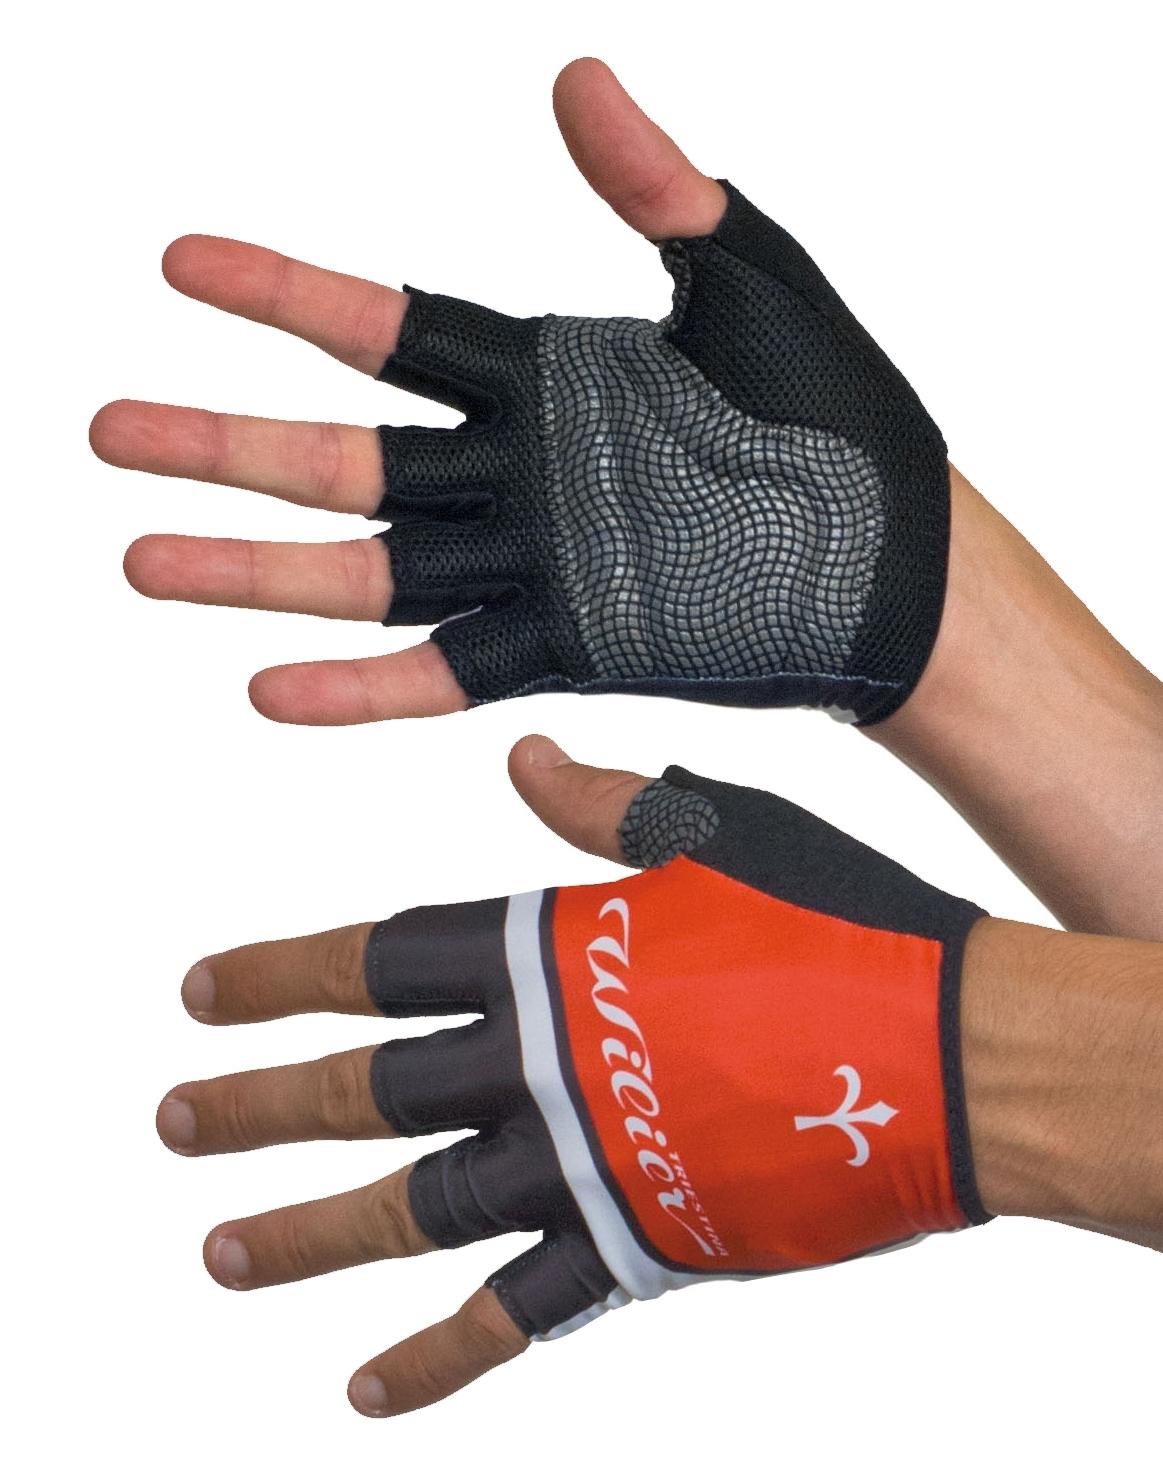 rukavice WILIER bez zapínání, červeno-černé